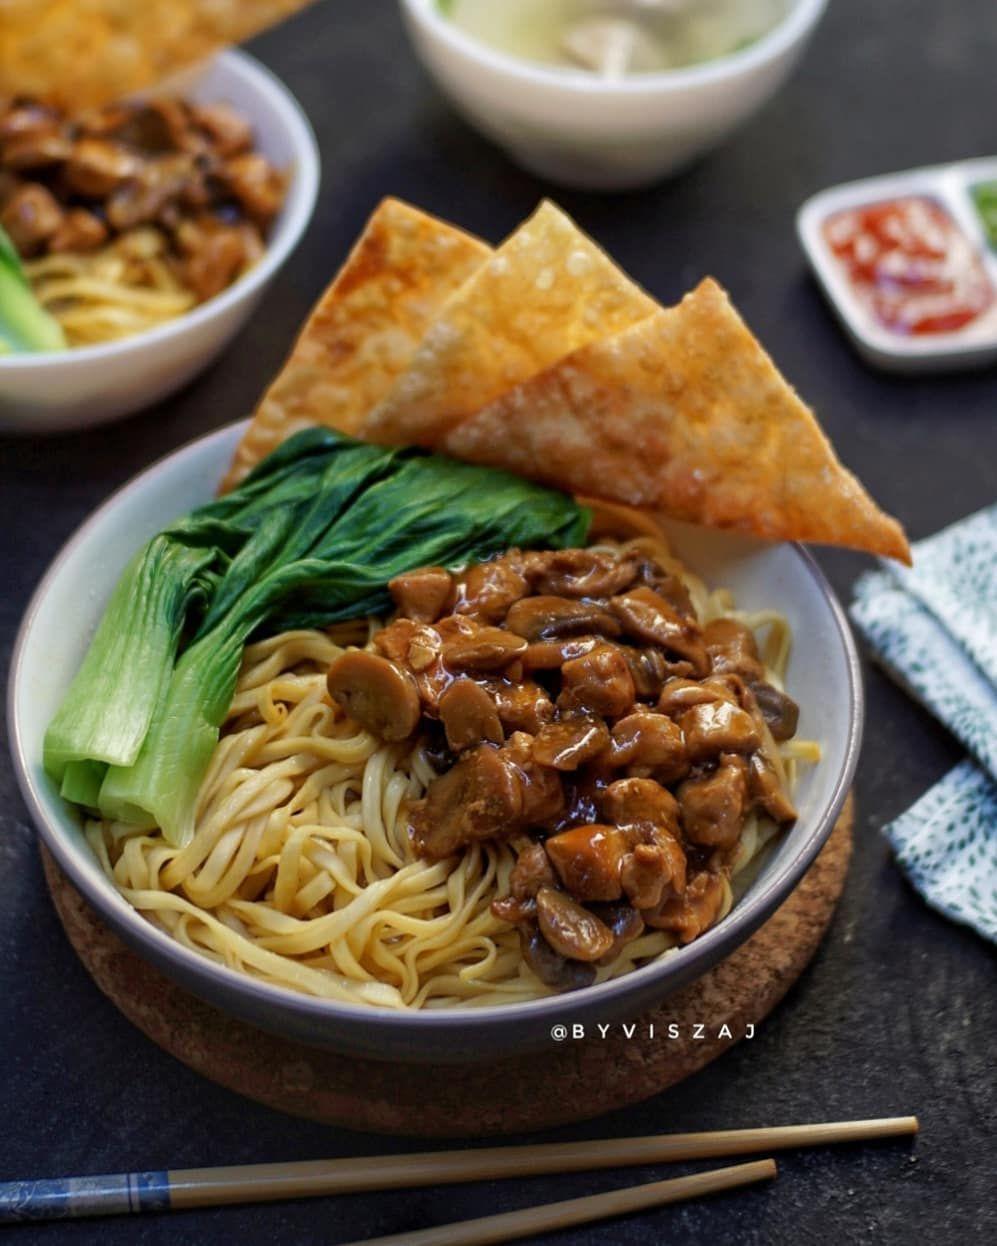 Cara Membuat Mie Ayam Instagram Resep Ayam Resep Masakan Cina Makanan Ringan Sehat